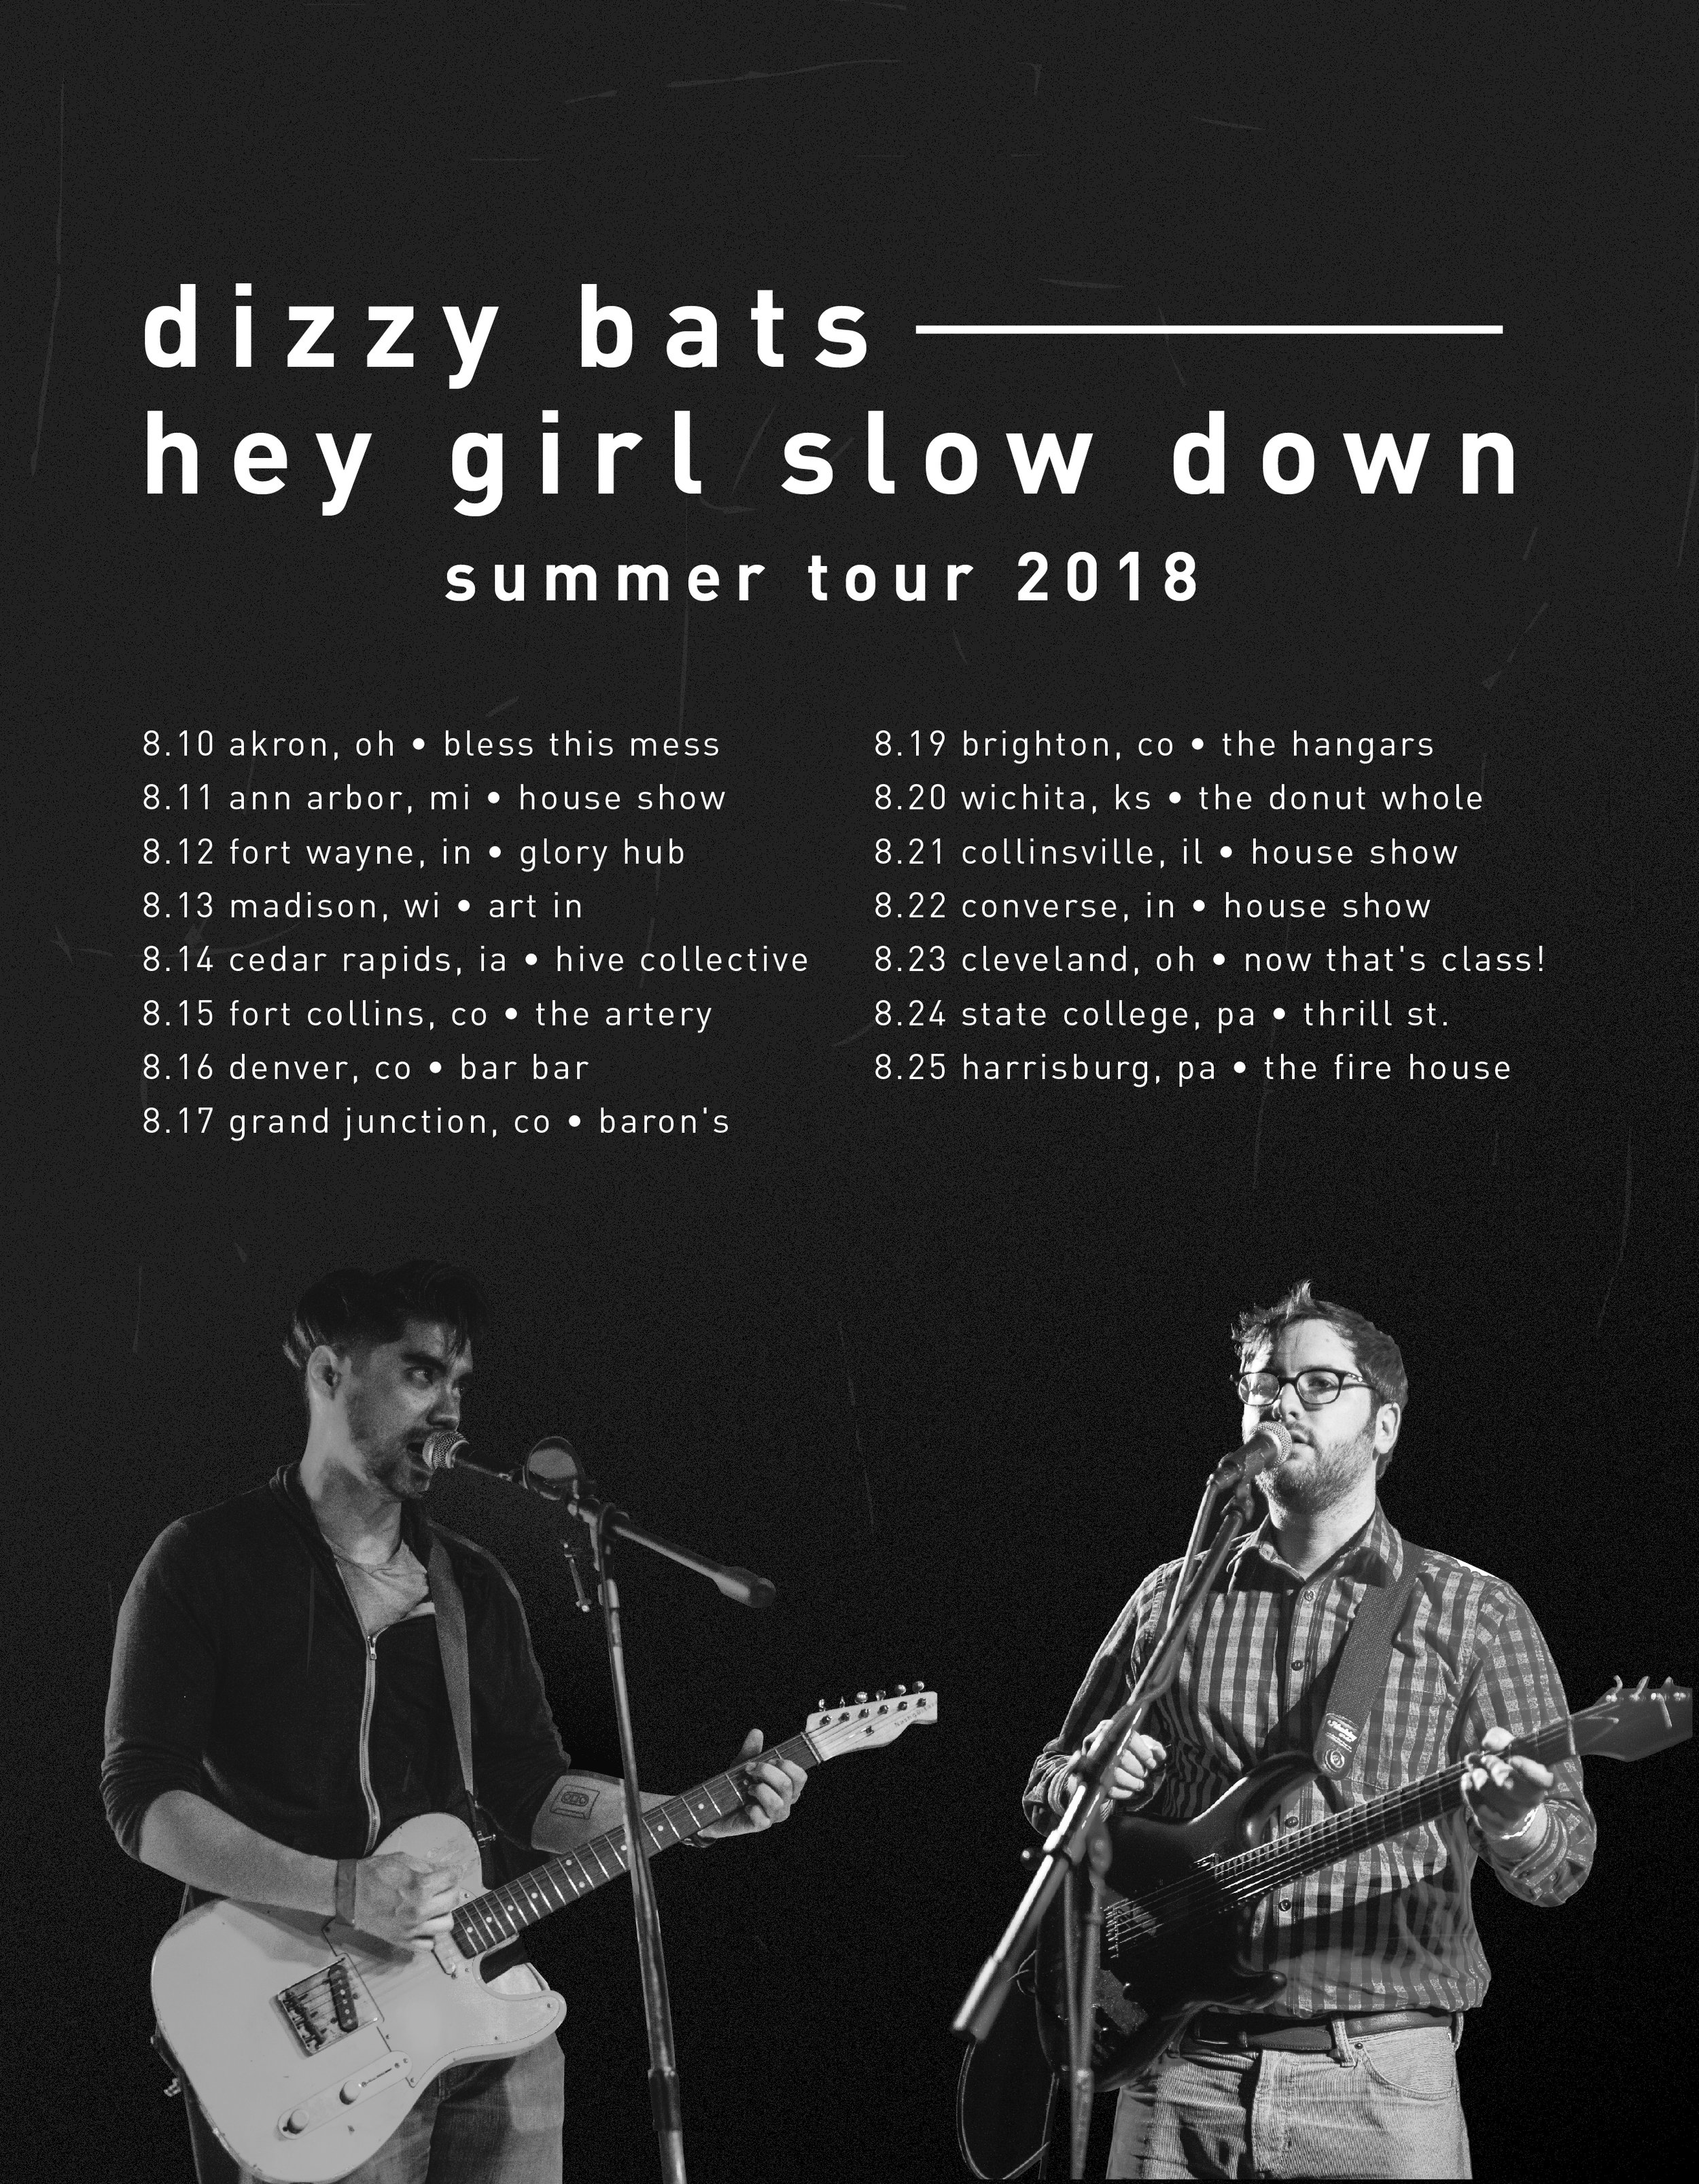 dizzybats-summer-2019.jpg